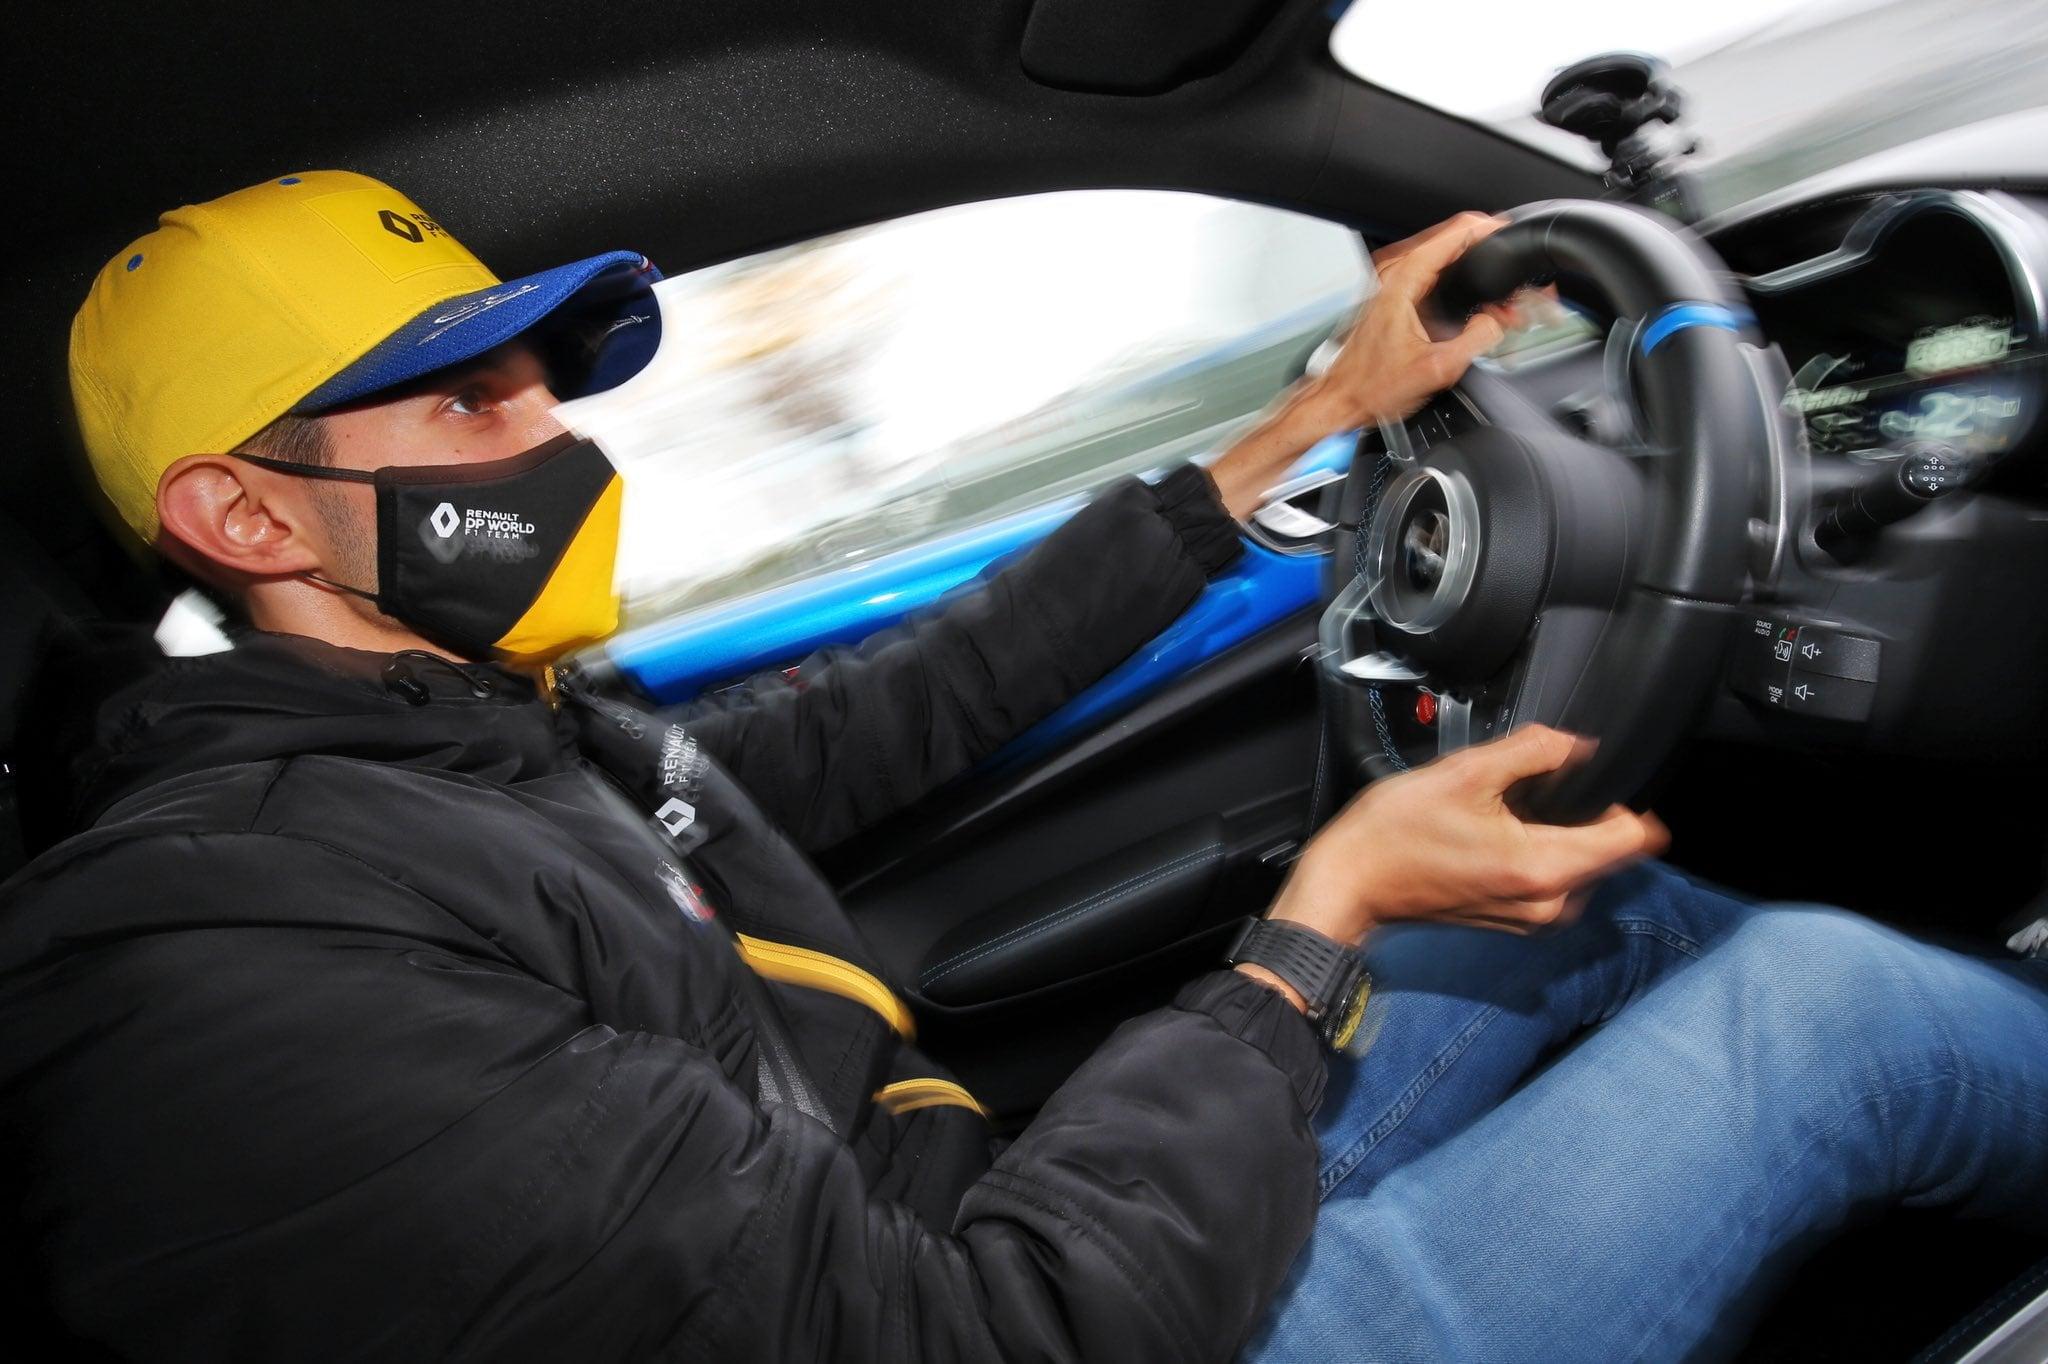 Alpine F1 Team Esteban Ocon A110 Nurburgring 1 | Alpine F1 Team : Esteban Ocon au volant de l'A110 sur le Nürburgring